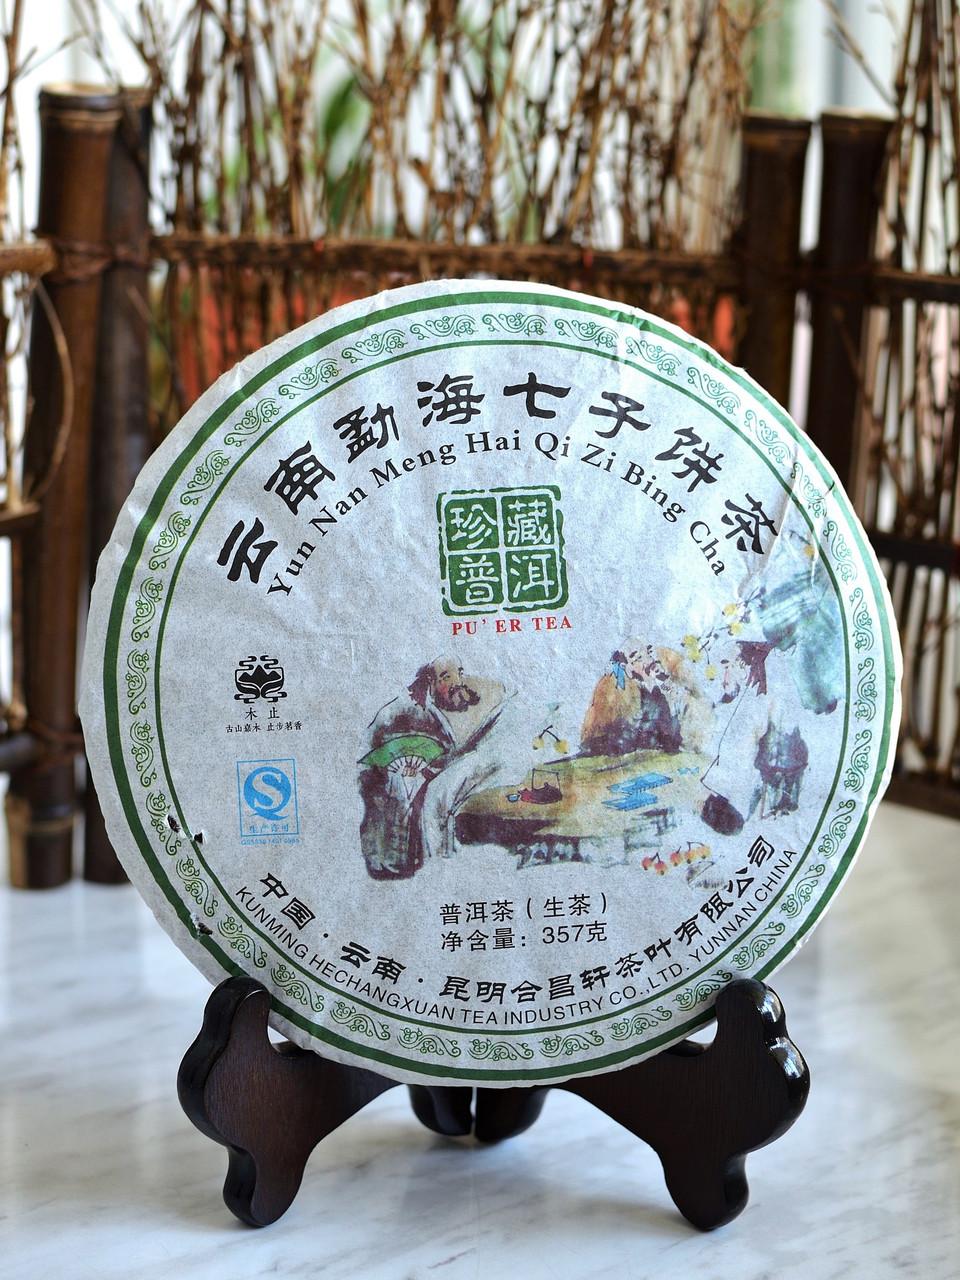 Китайский Чай Шен Пуэр Чень Сян 357г 2014